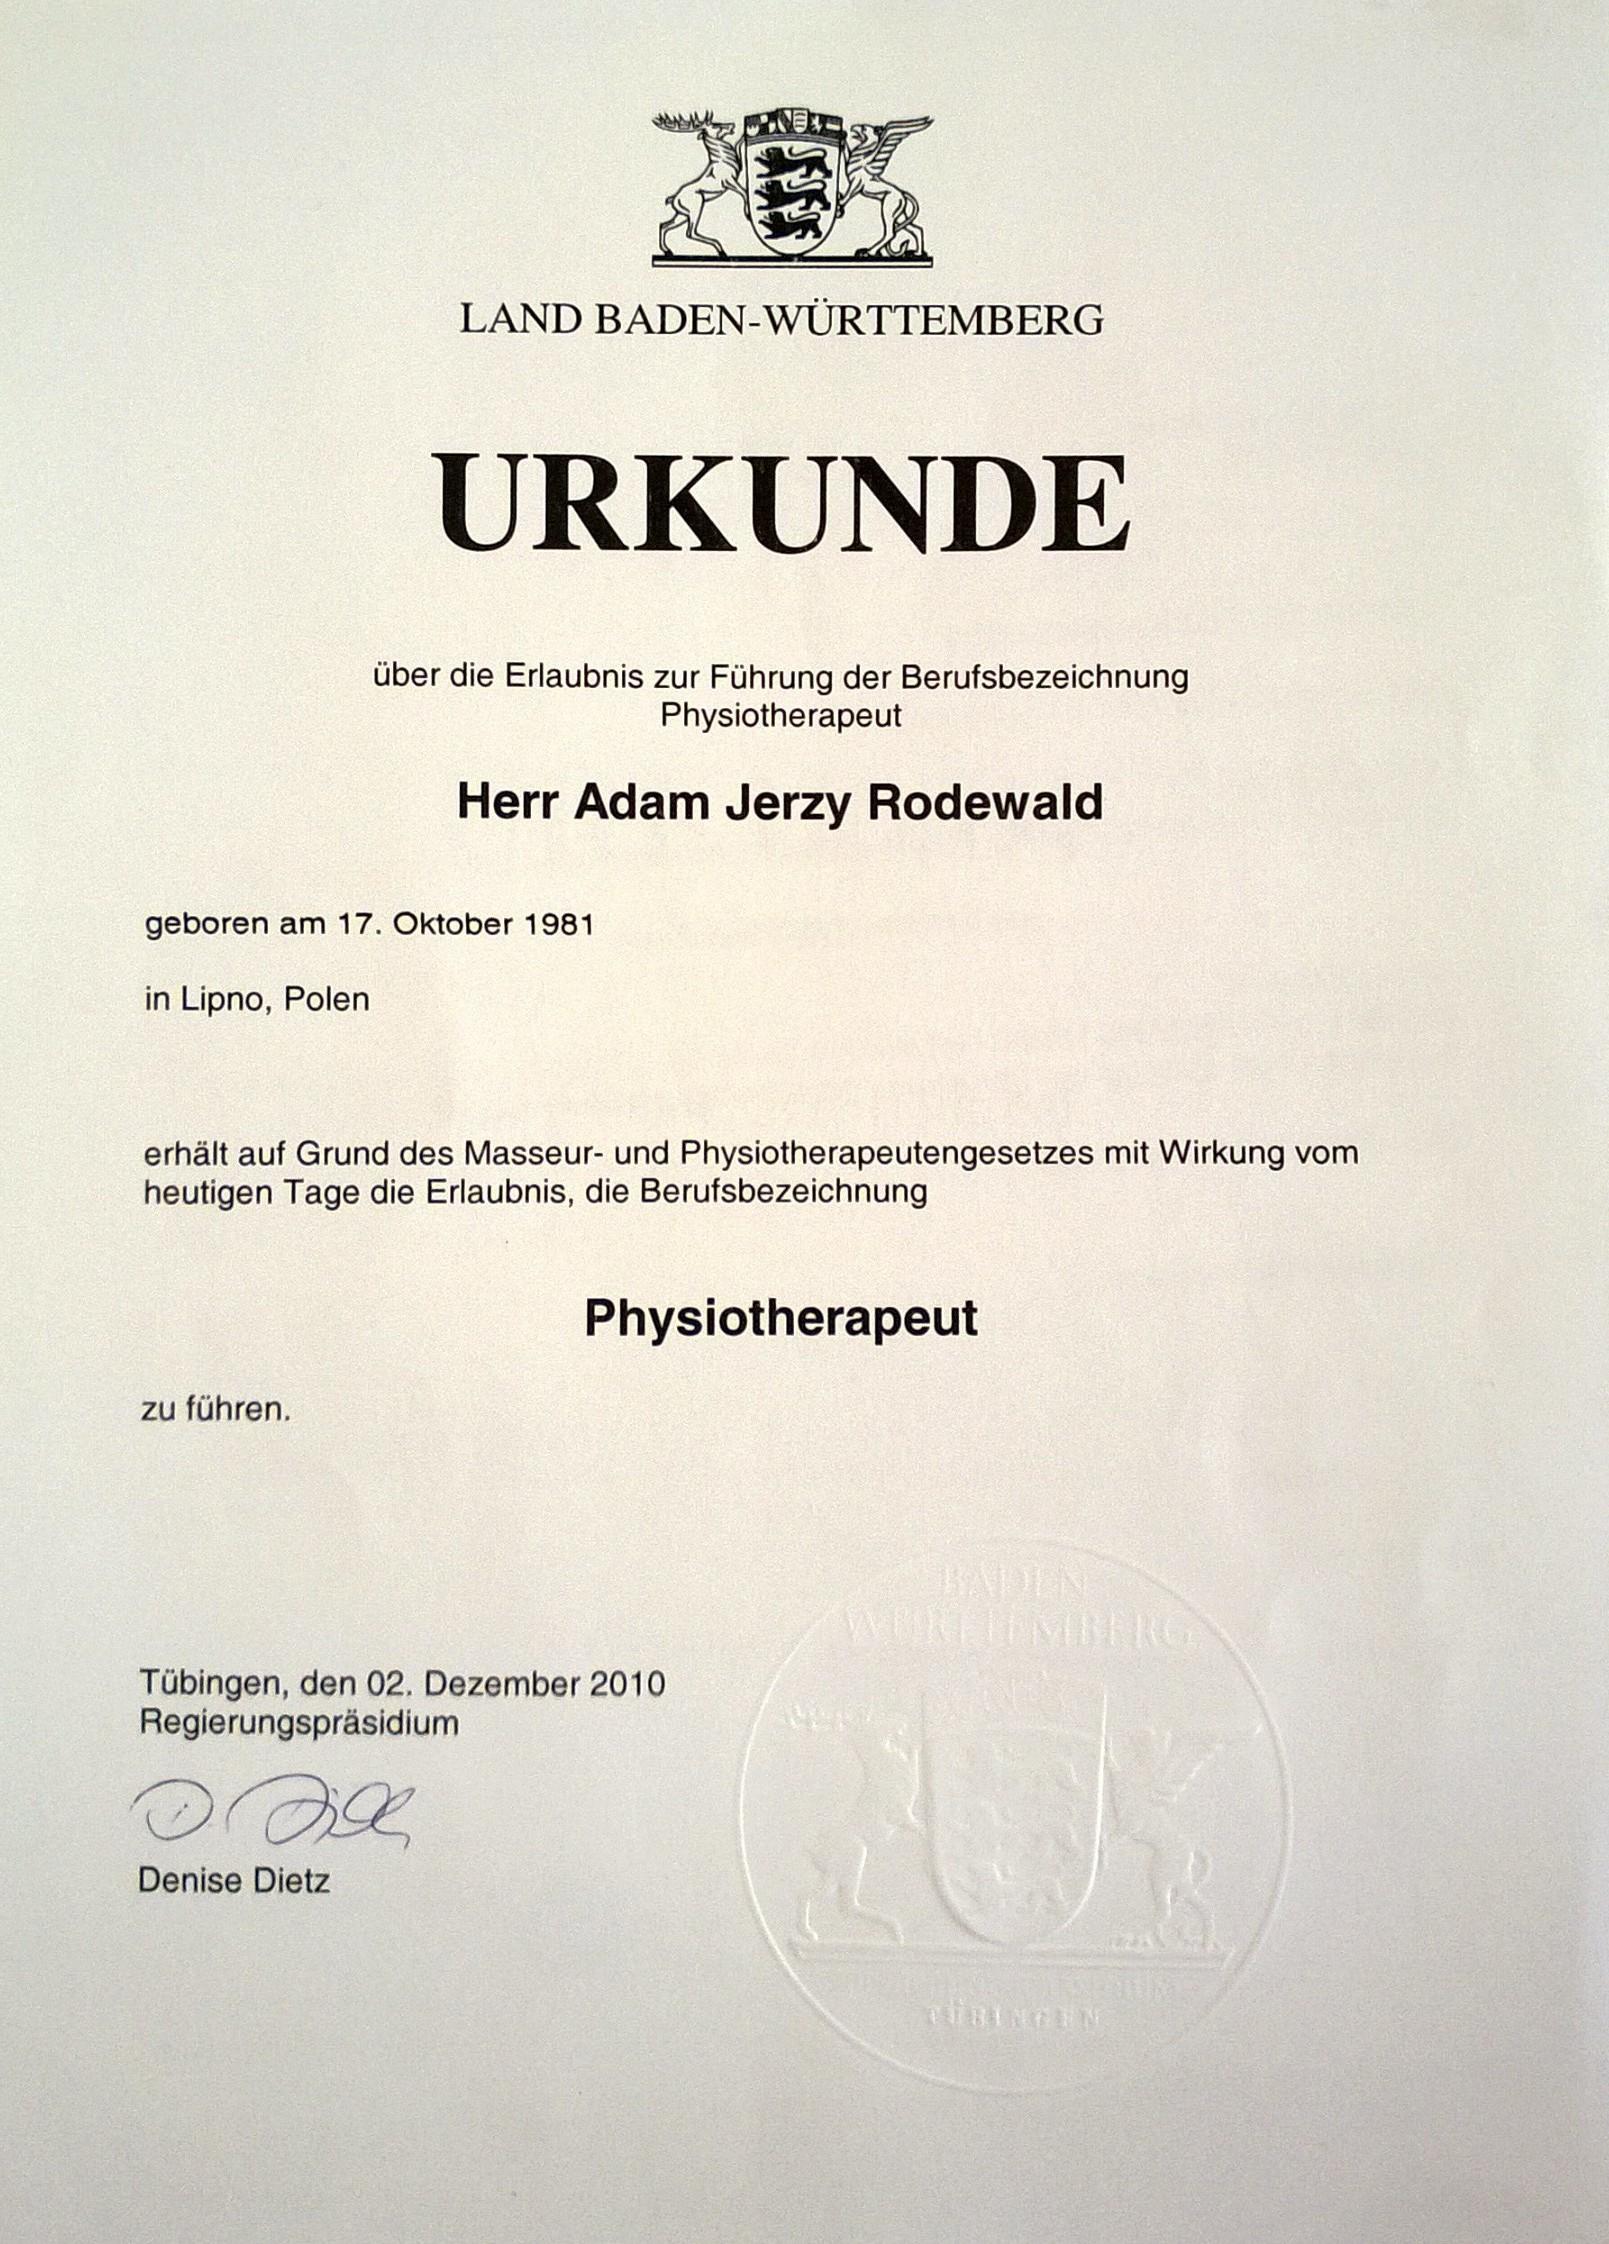 Physiotherapie Erlaubnis.jpg